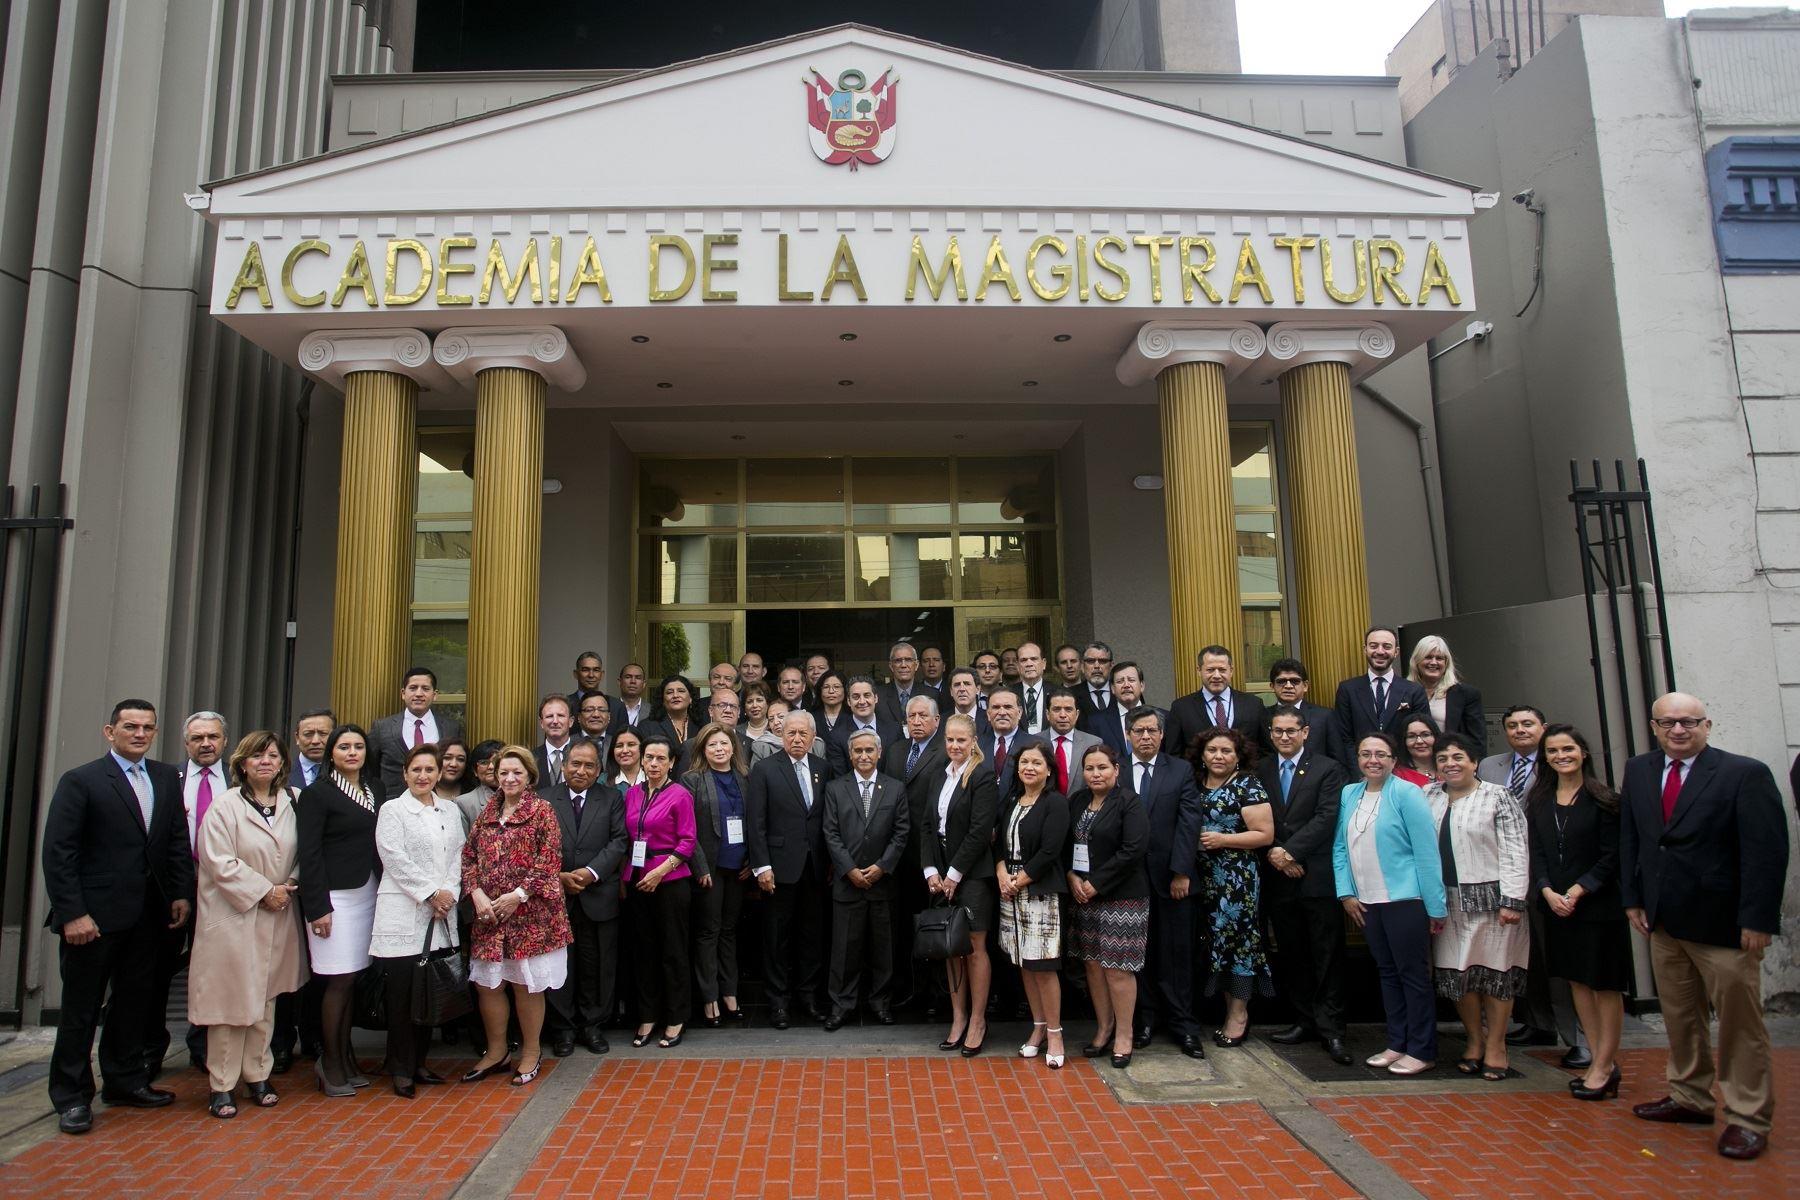 Magistrados de Latinoamérica y el Caribe reunidos en Lima. Foto: Difusión.